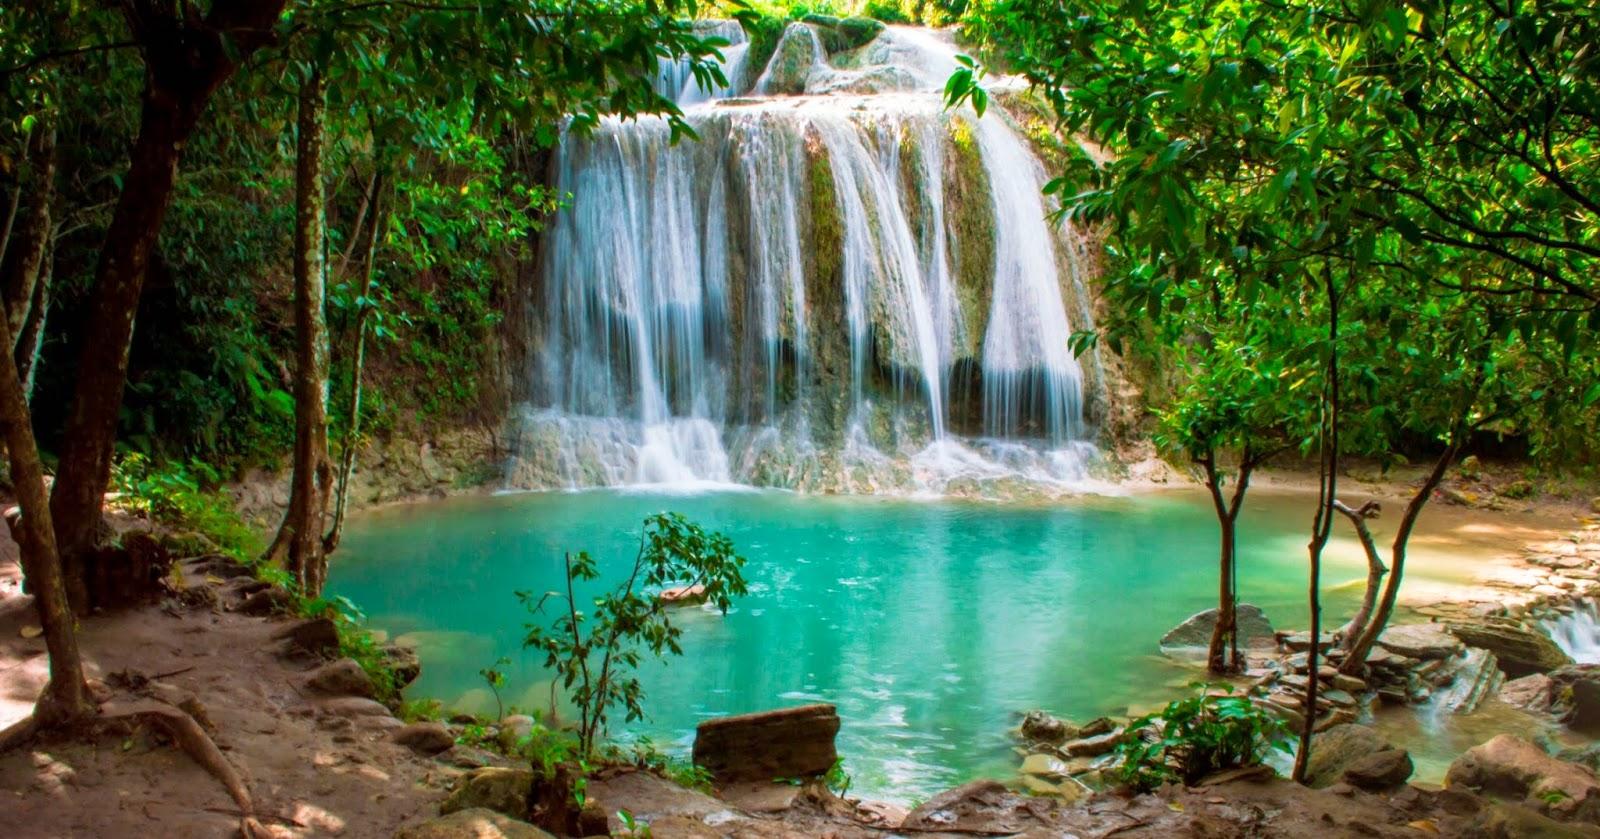 Tempat Wisata Daerah Yogyakarta